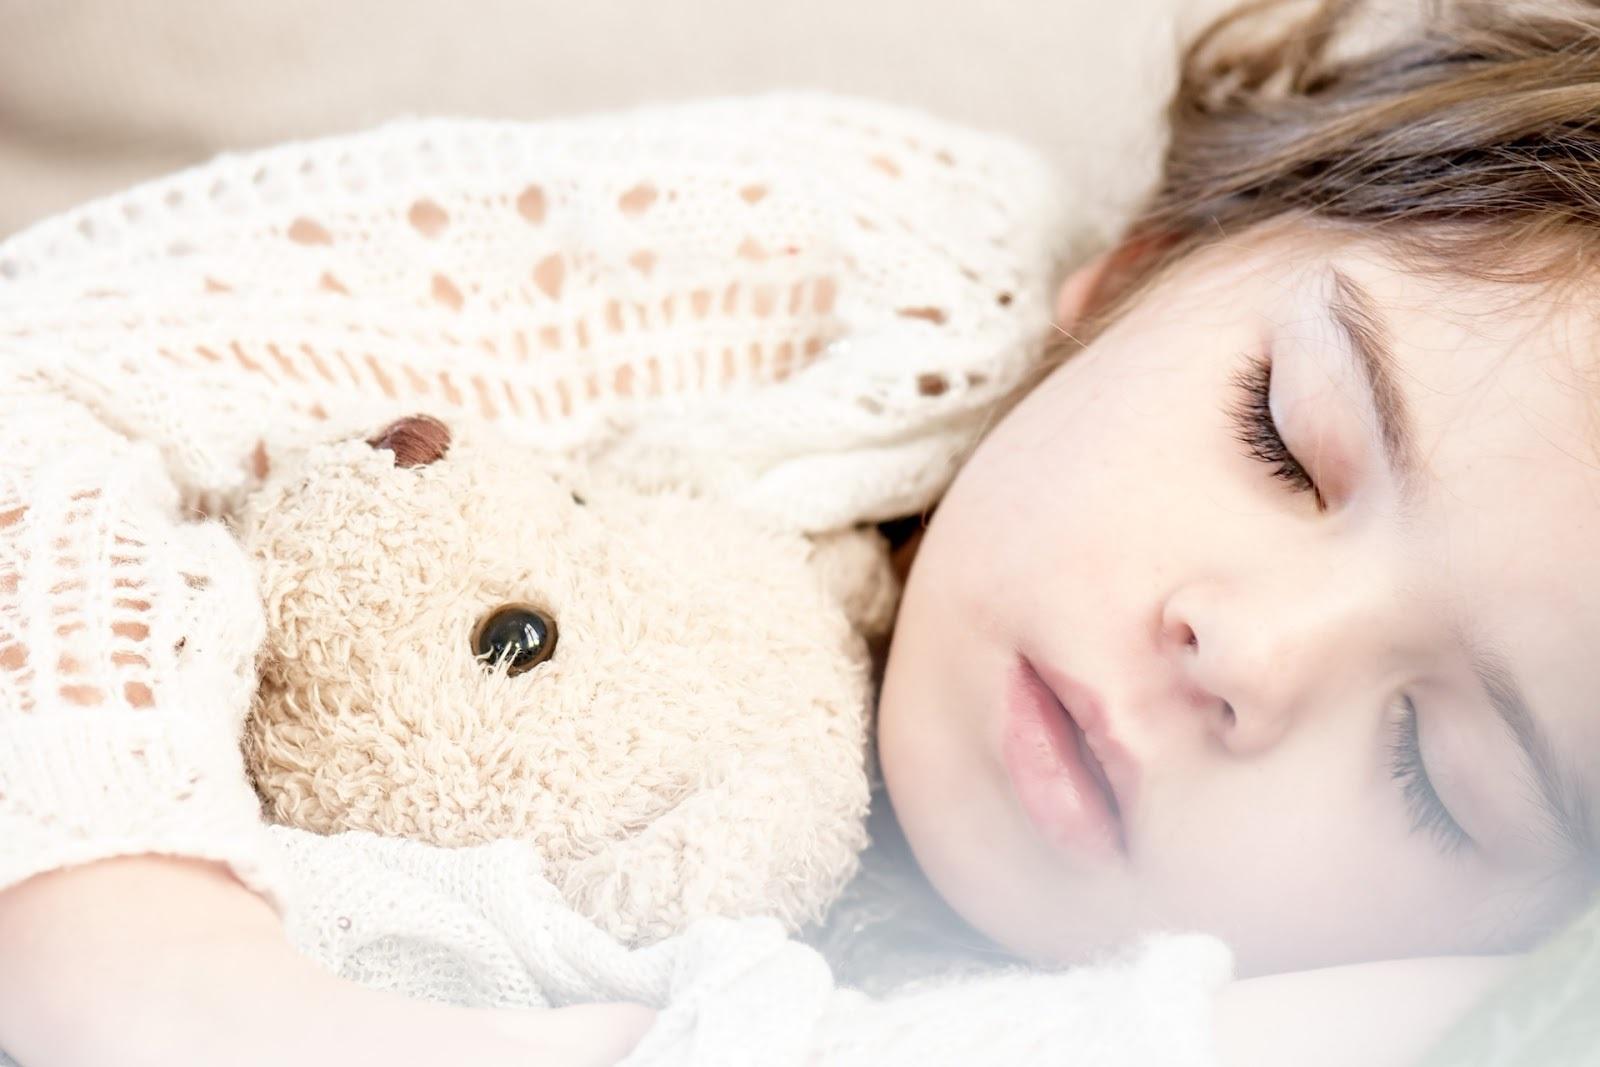 Síndrome de Sotos: O Que É, Causas, Sintomas e Tratamento